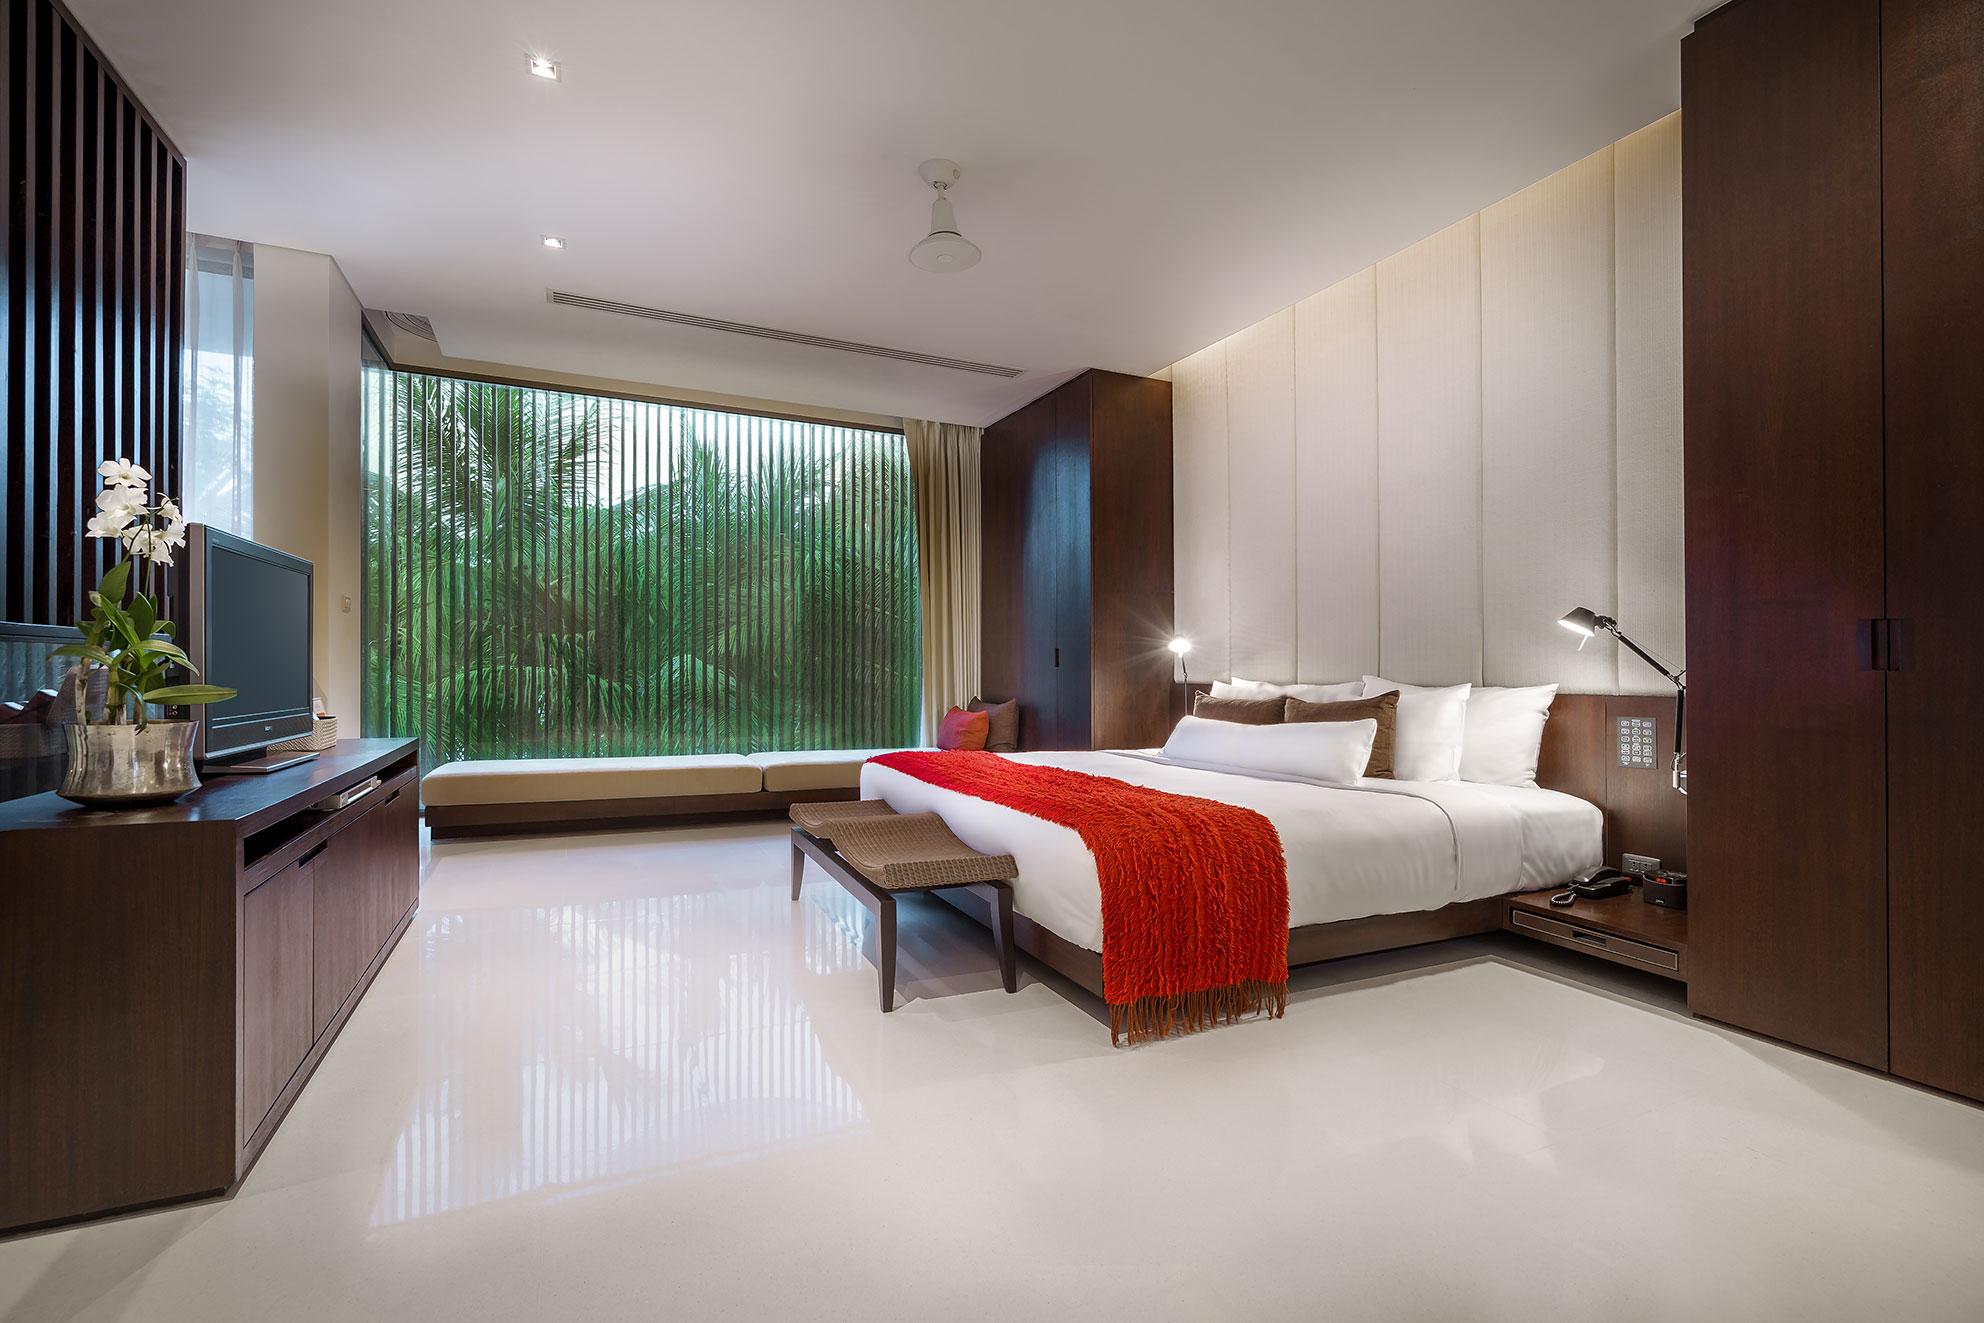 ツインパームスプーケット/デュープレックスプールスイート1ベッドルーム(室内例)